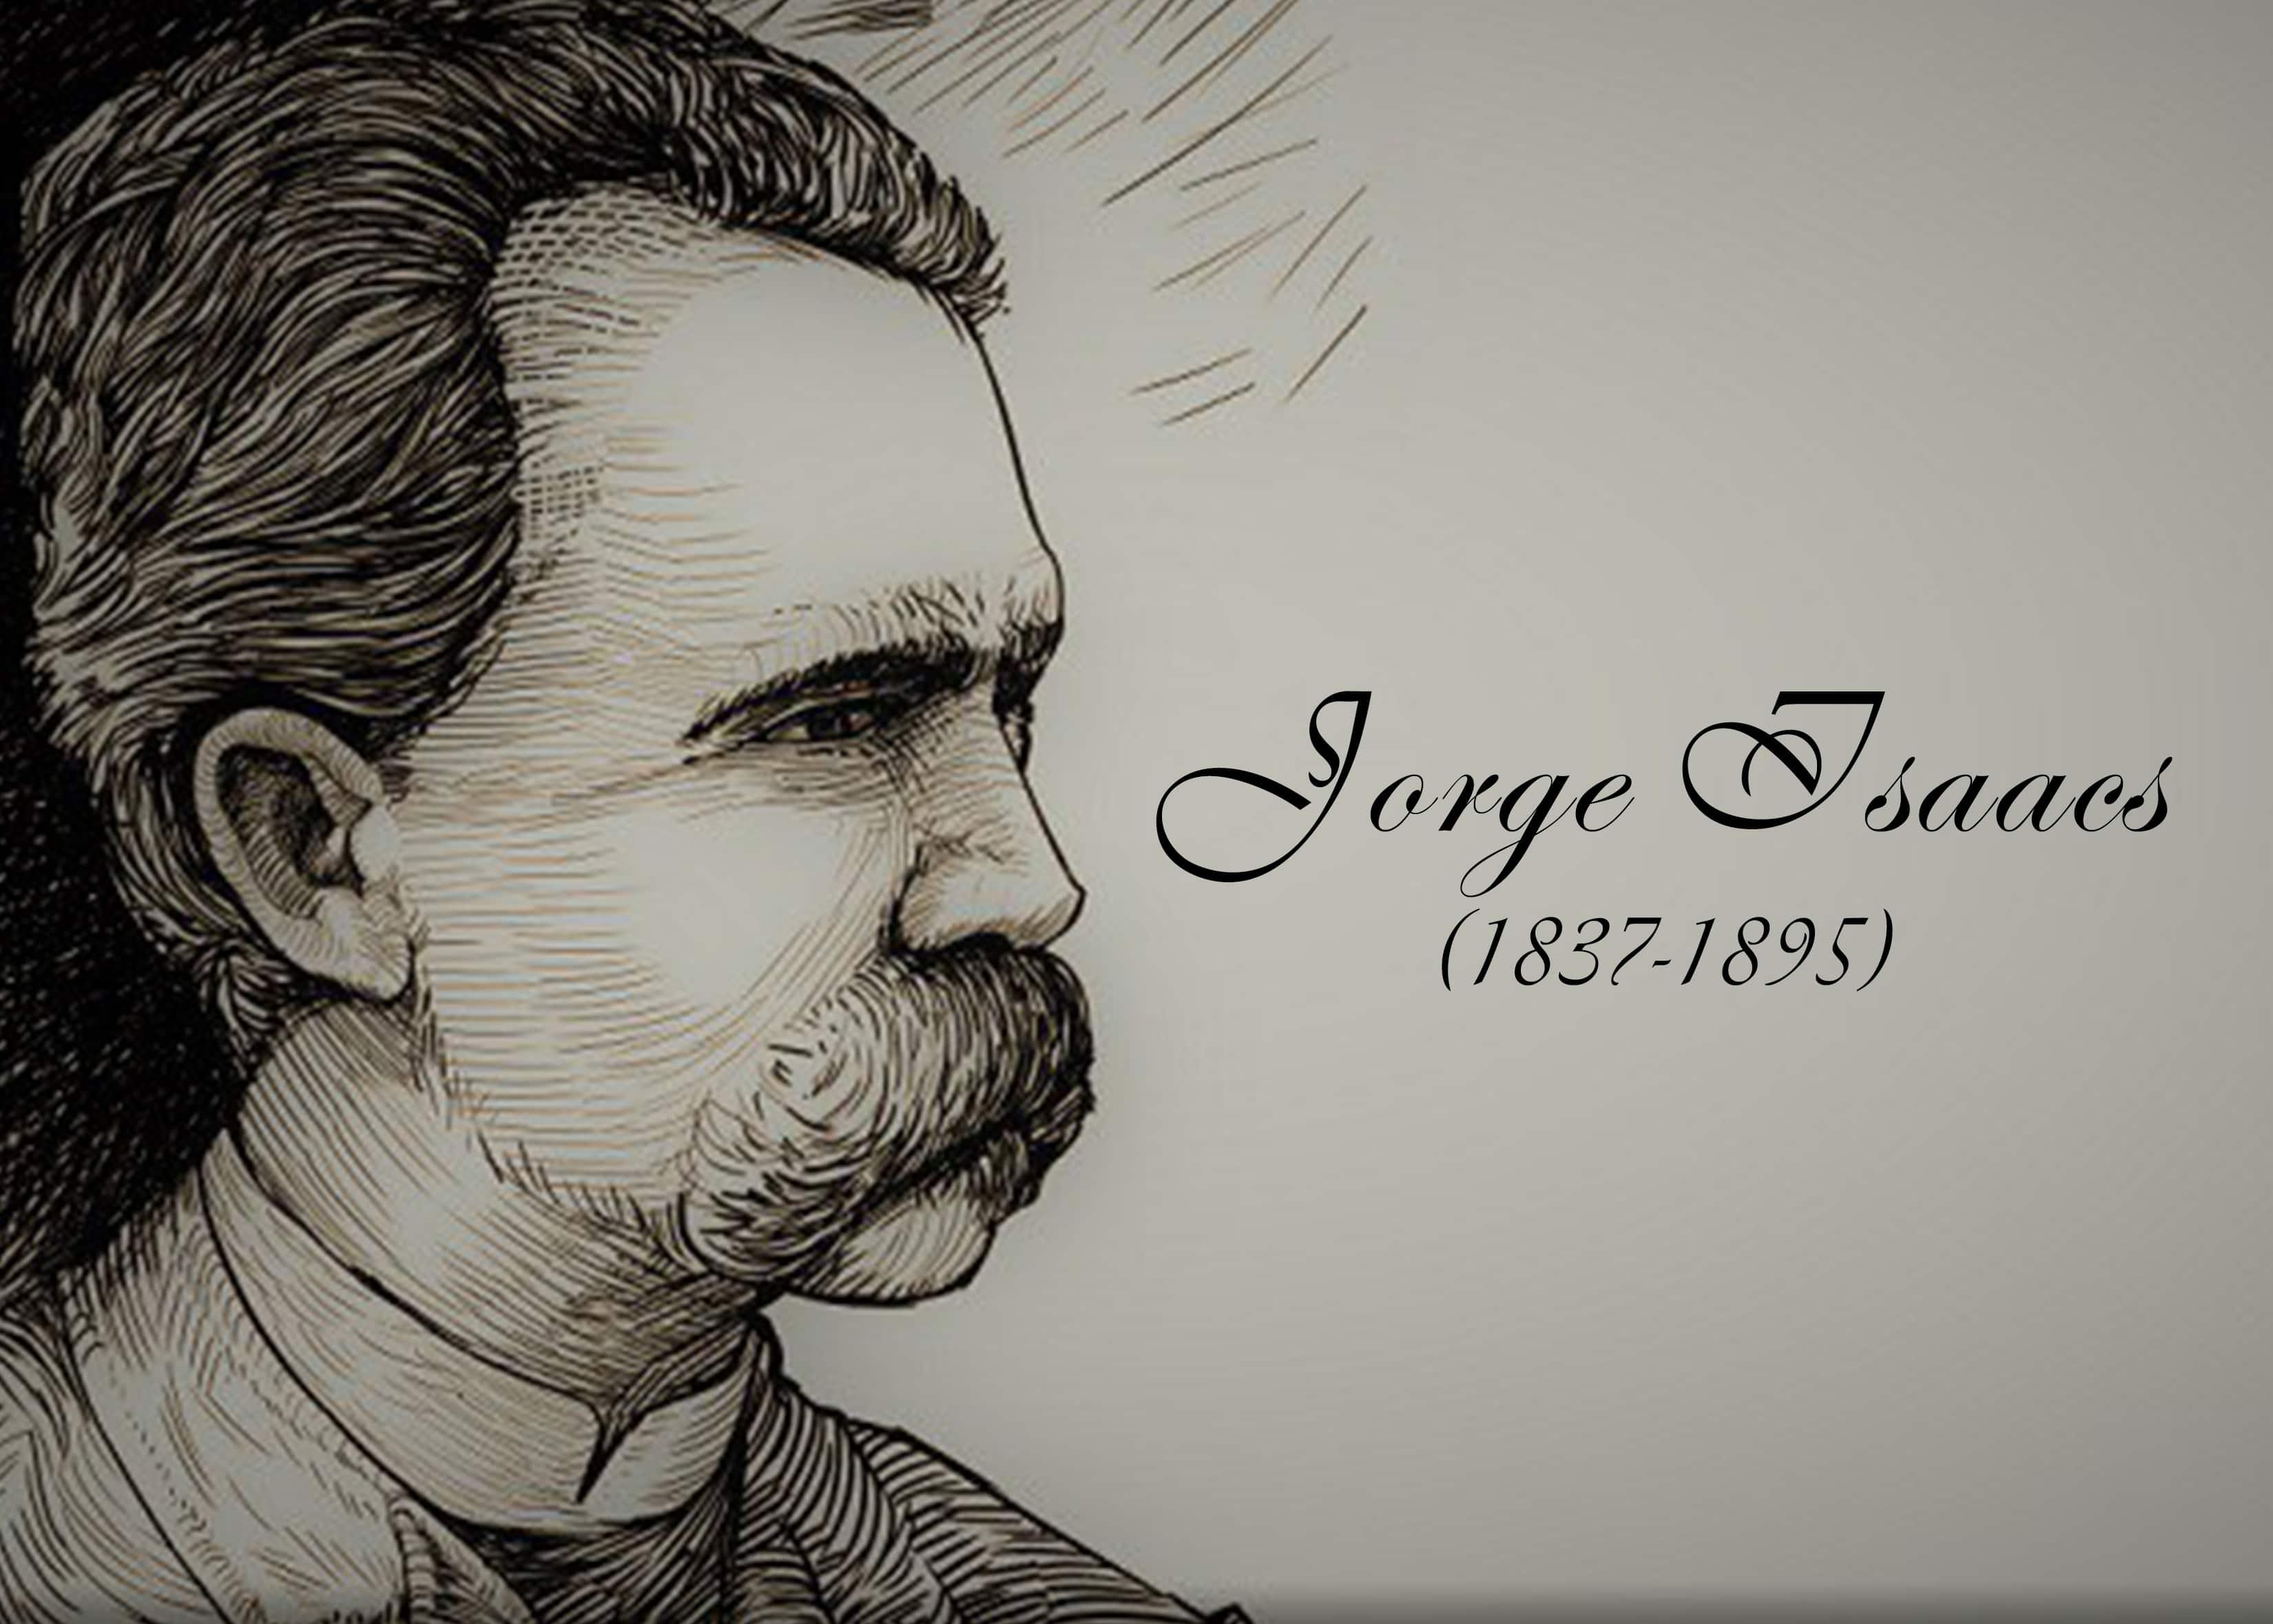 biografia de jorge isaacs